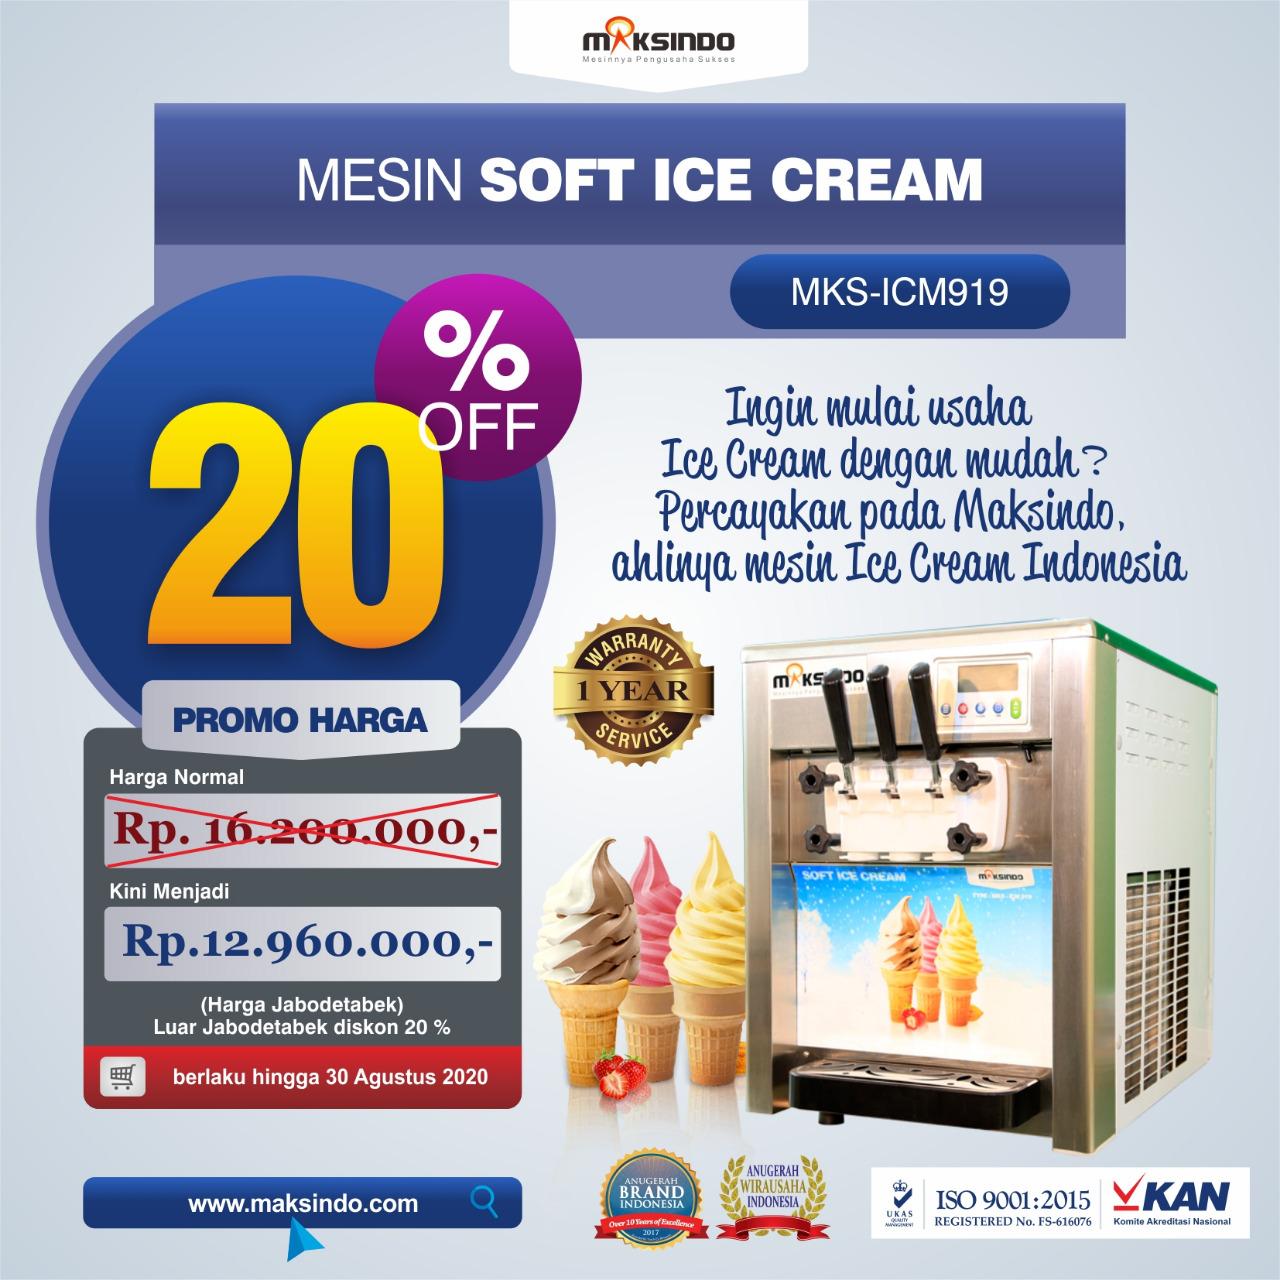 Jual Mesin Es Krim (Soft Ice Cream) Lengkap di Banjarmasin